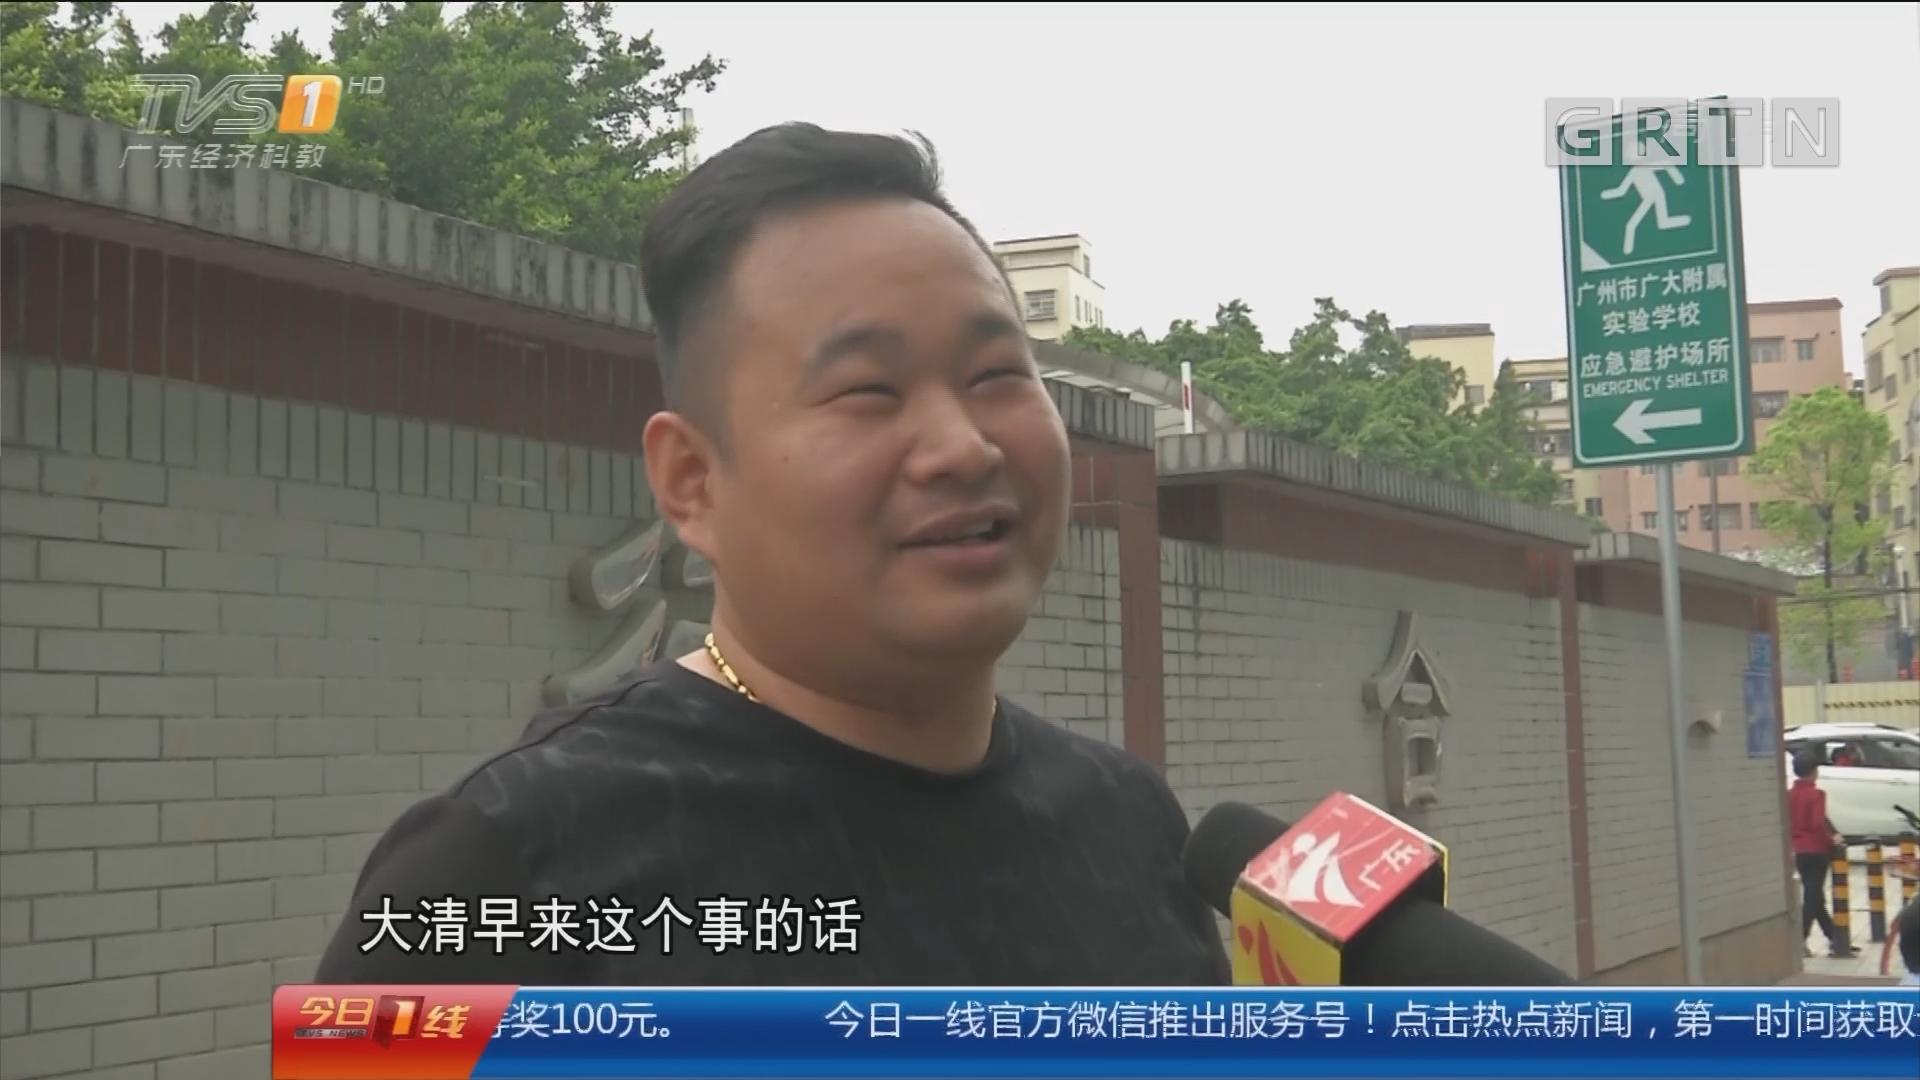 广州:停车过夜遭剐蹭 车头留下暖心字条